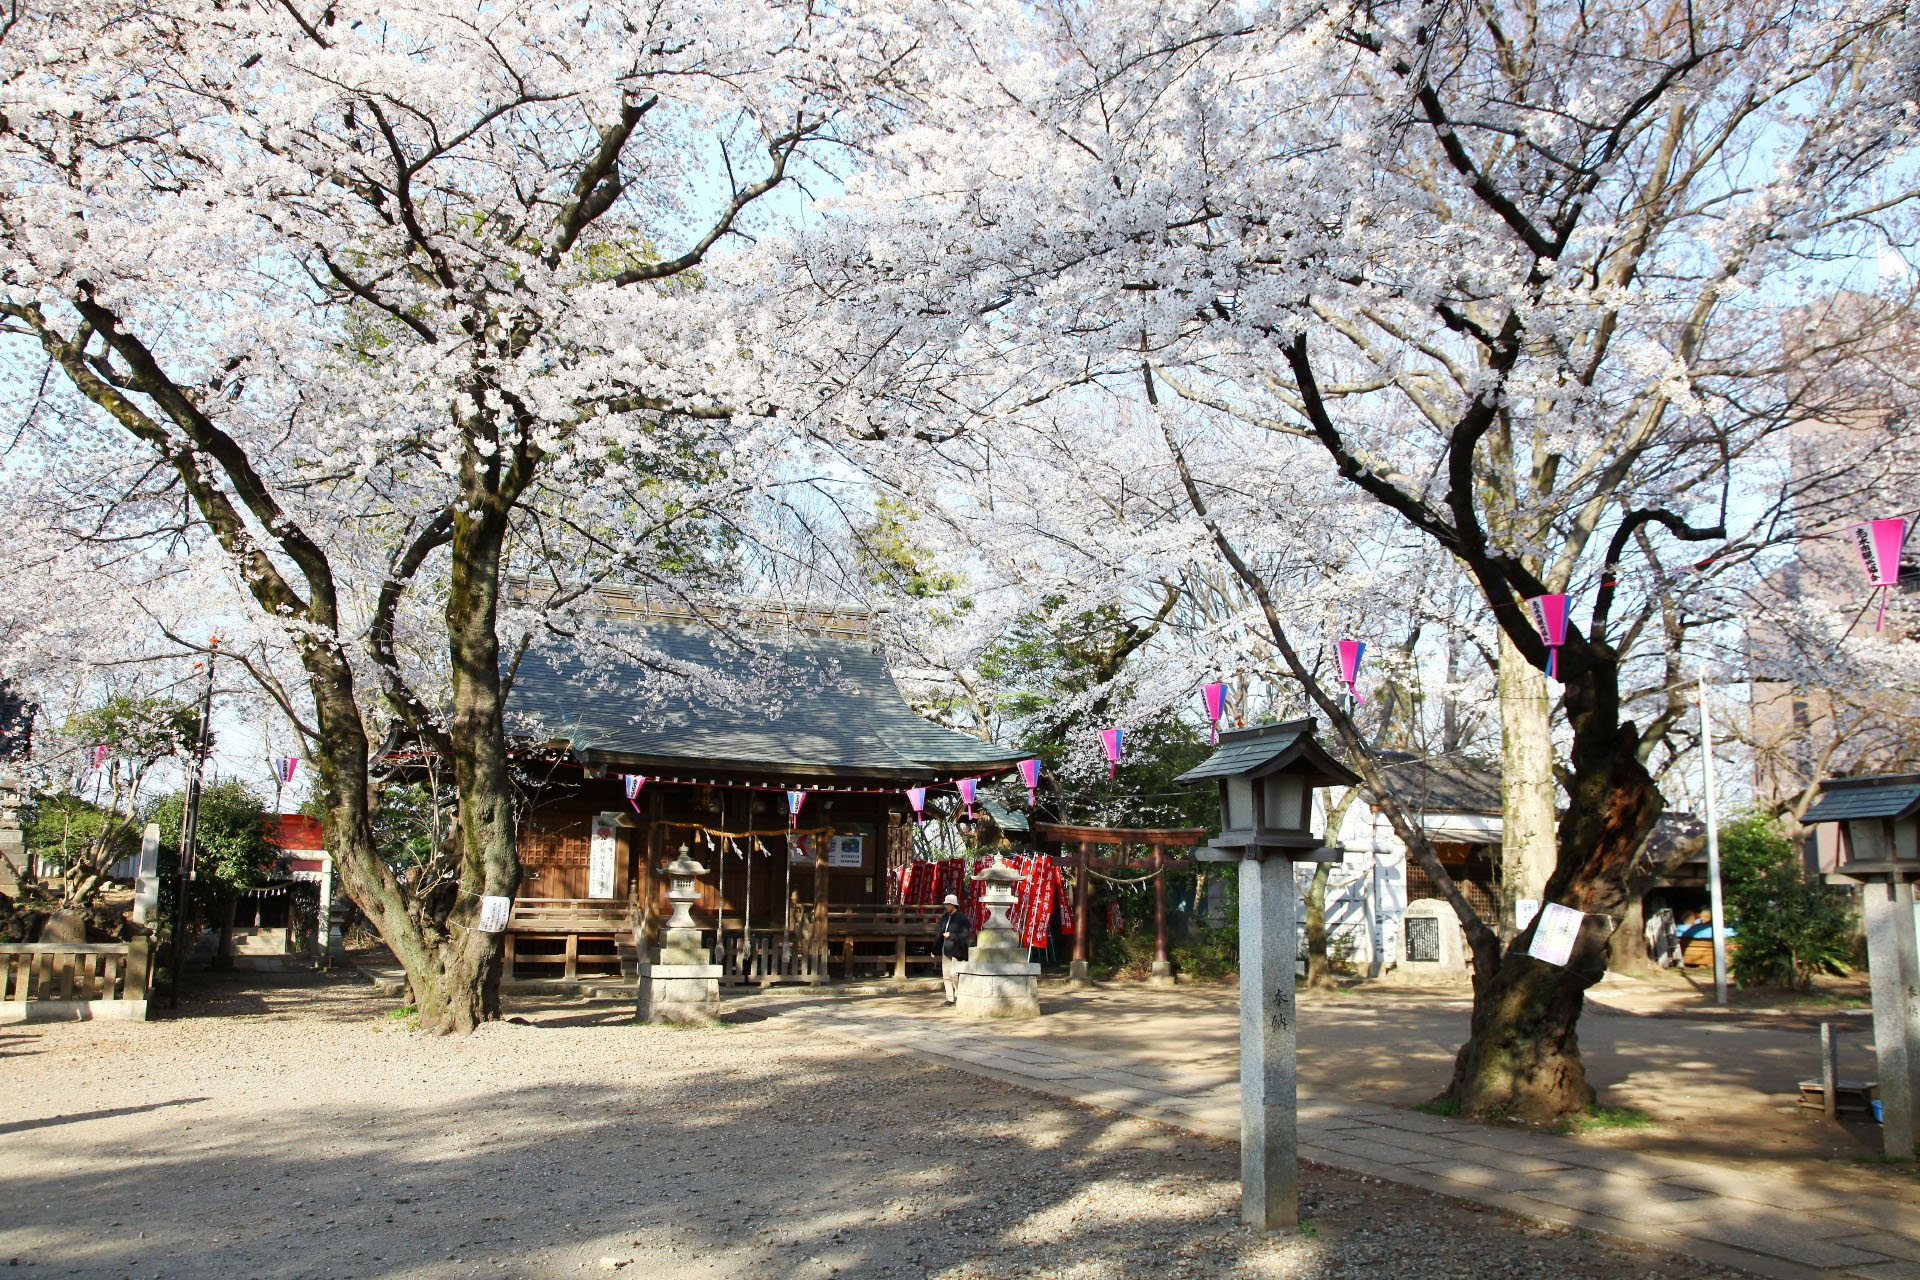 桜と敷島神社 埼玉の風景